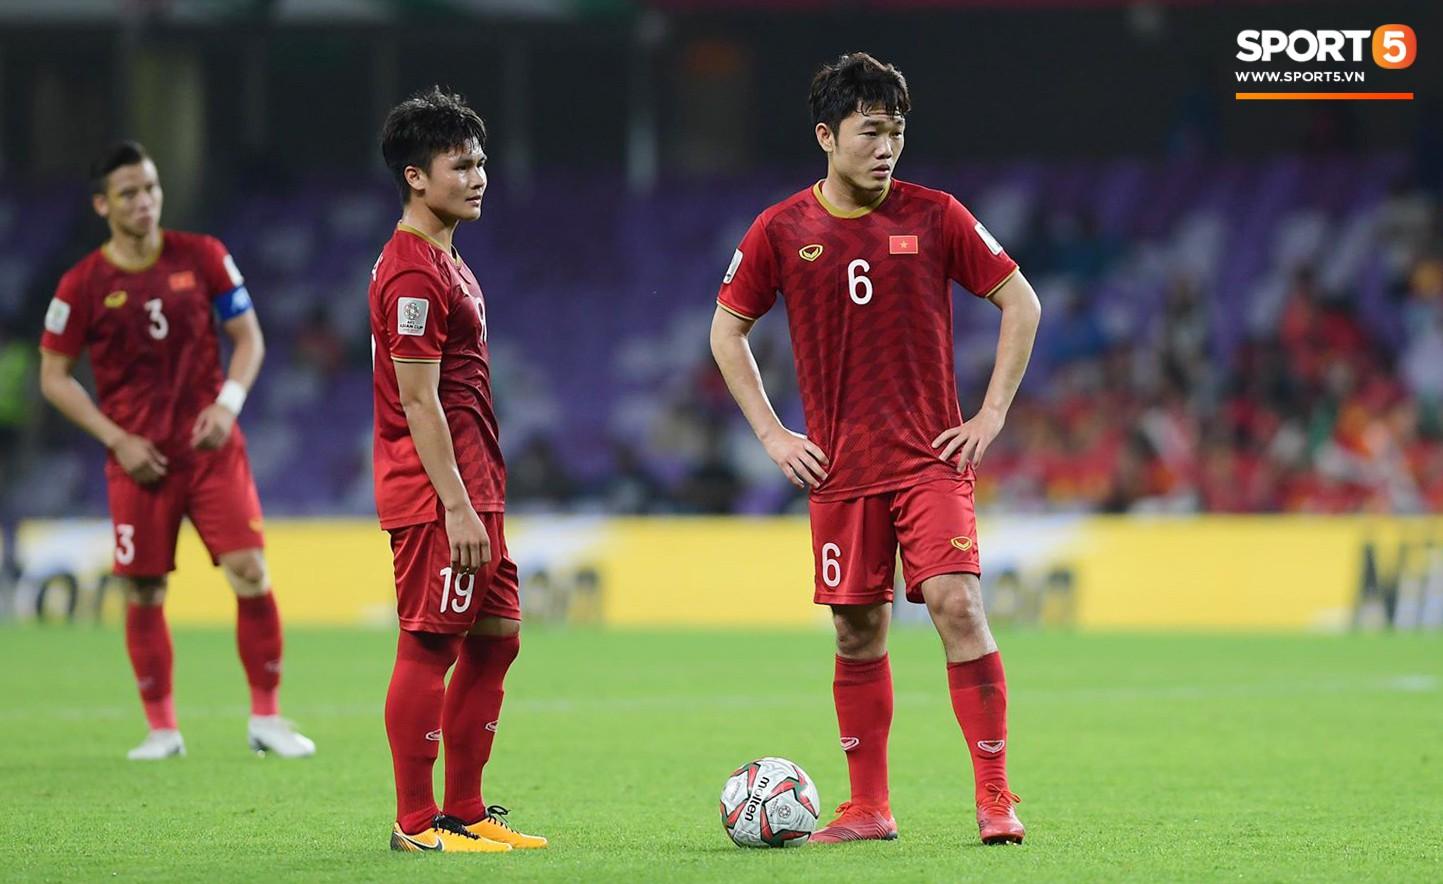 Quang Hải ăn mừng cực nhiệt khi tái hiện siêu phẩm cầu vồng tại Asian Cup 2019-1